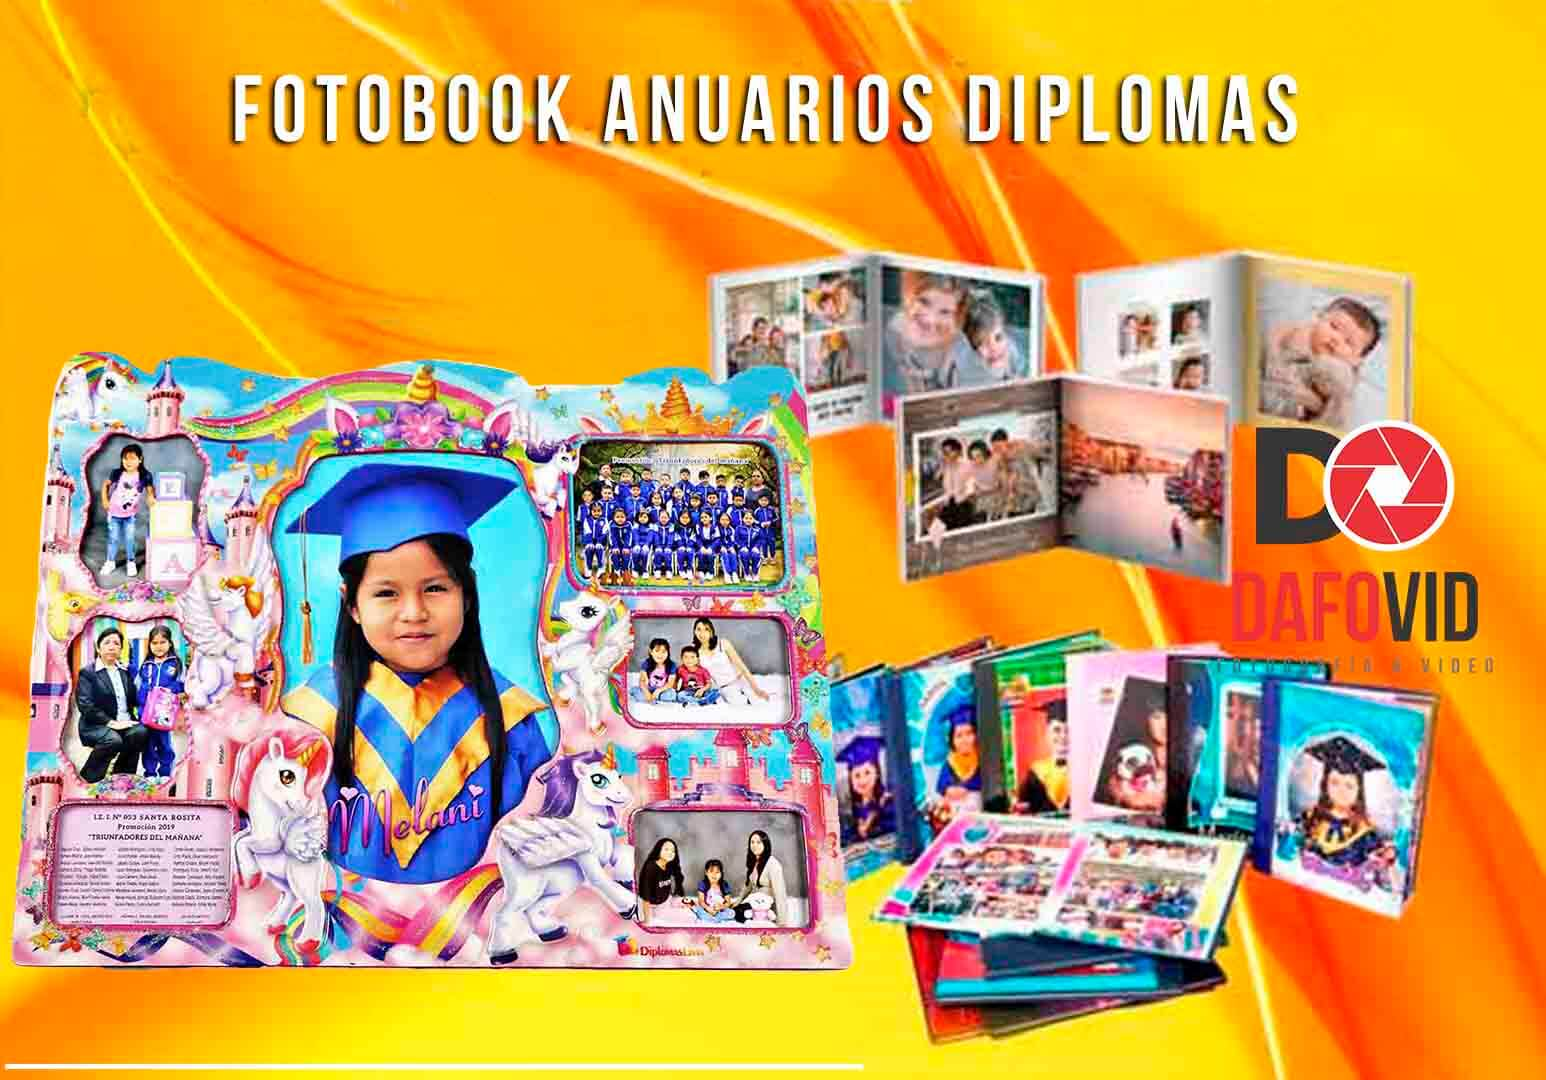 Fotobook